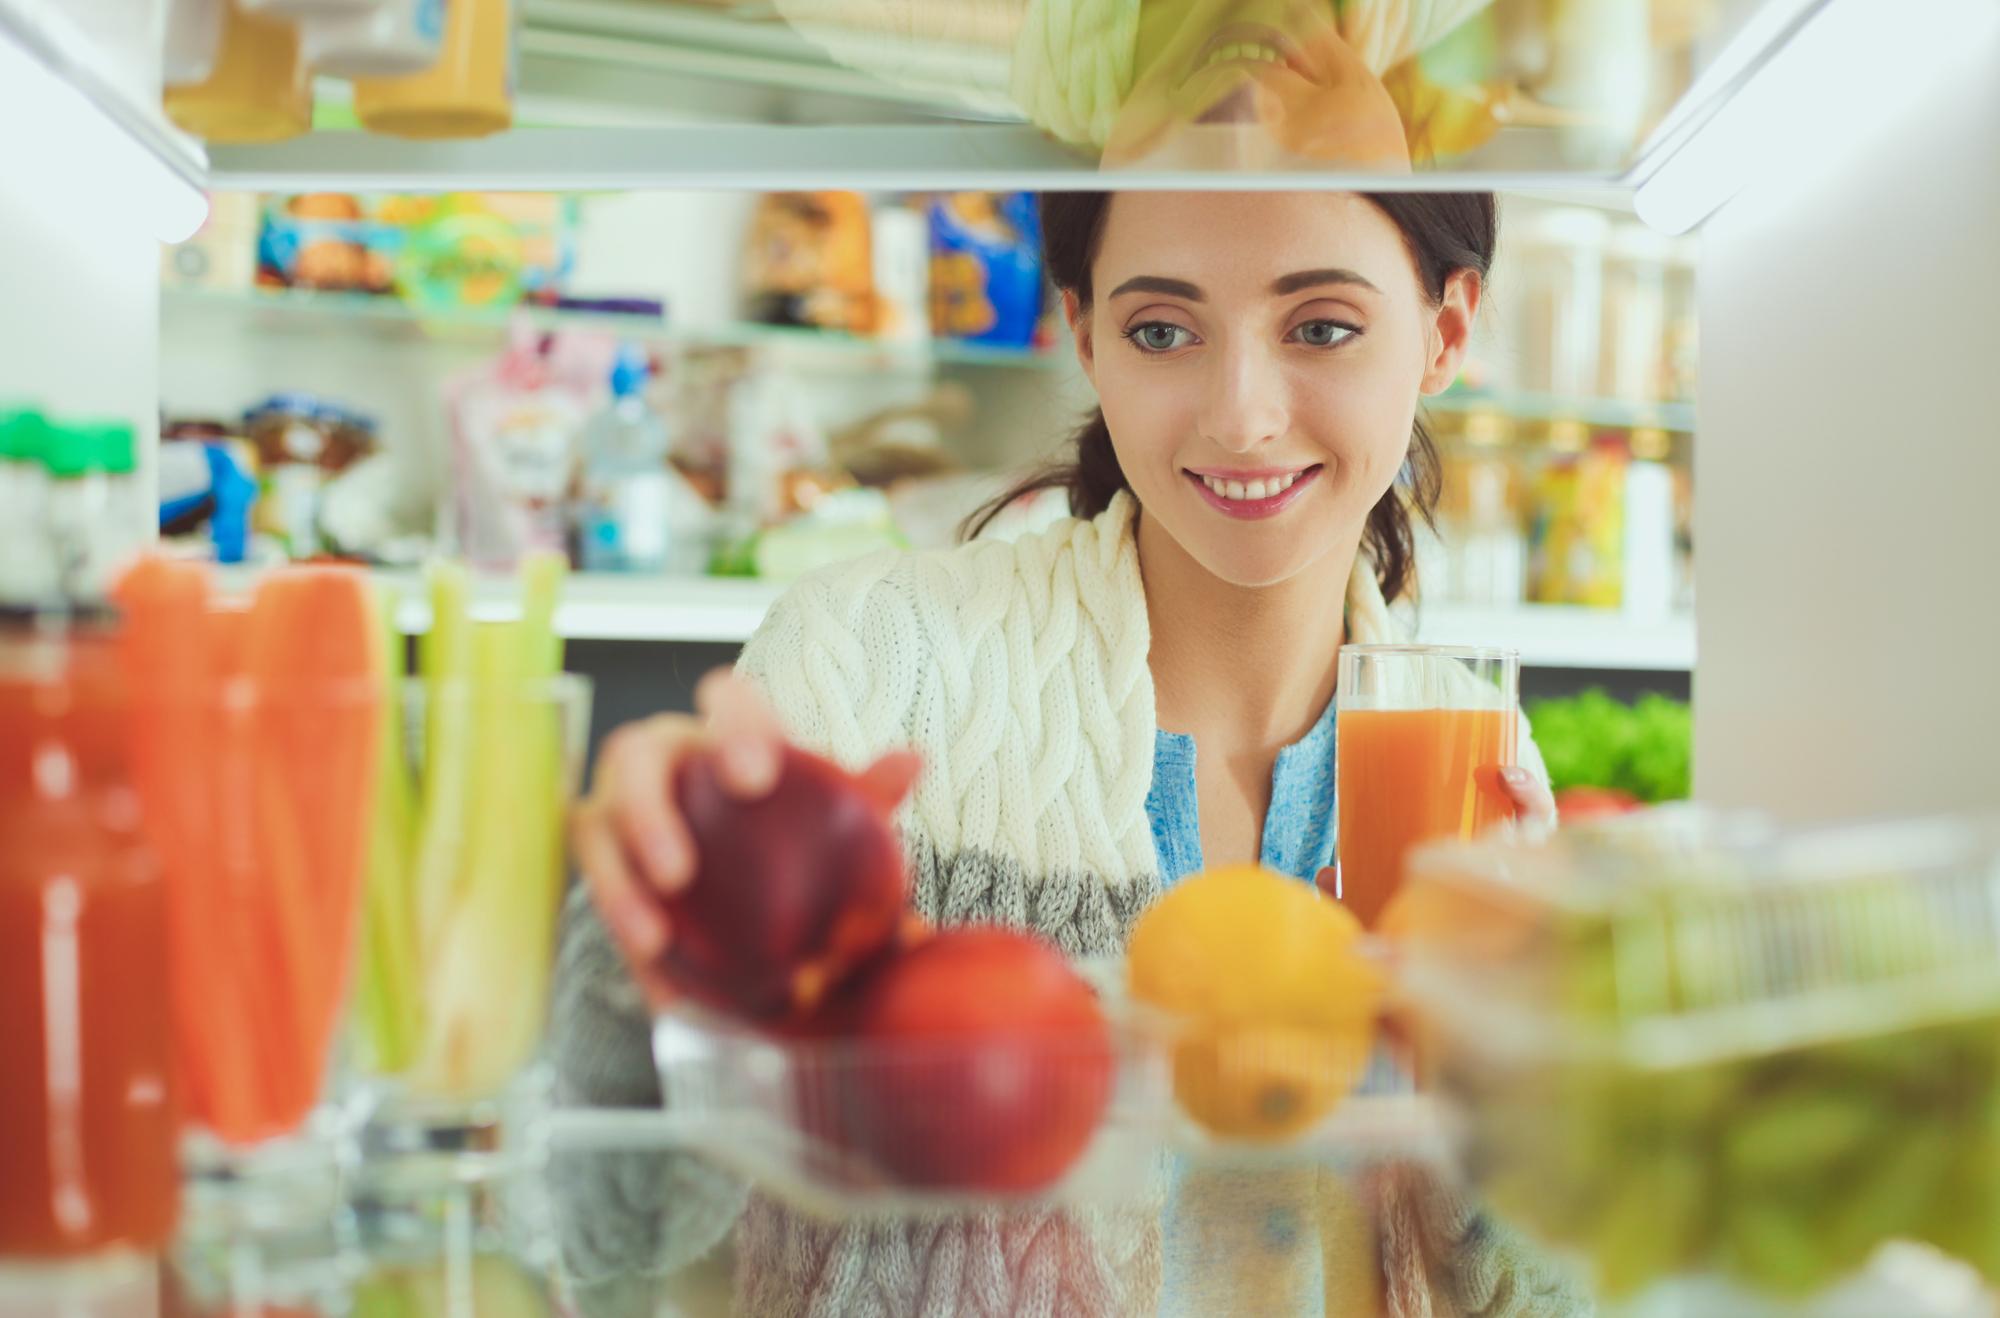 Здоровые перекусы, которые можно взять с собой